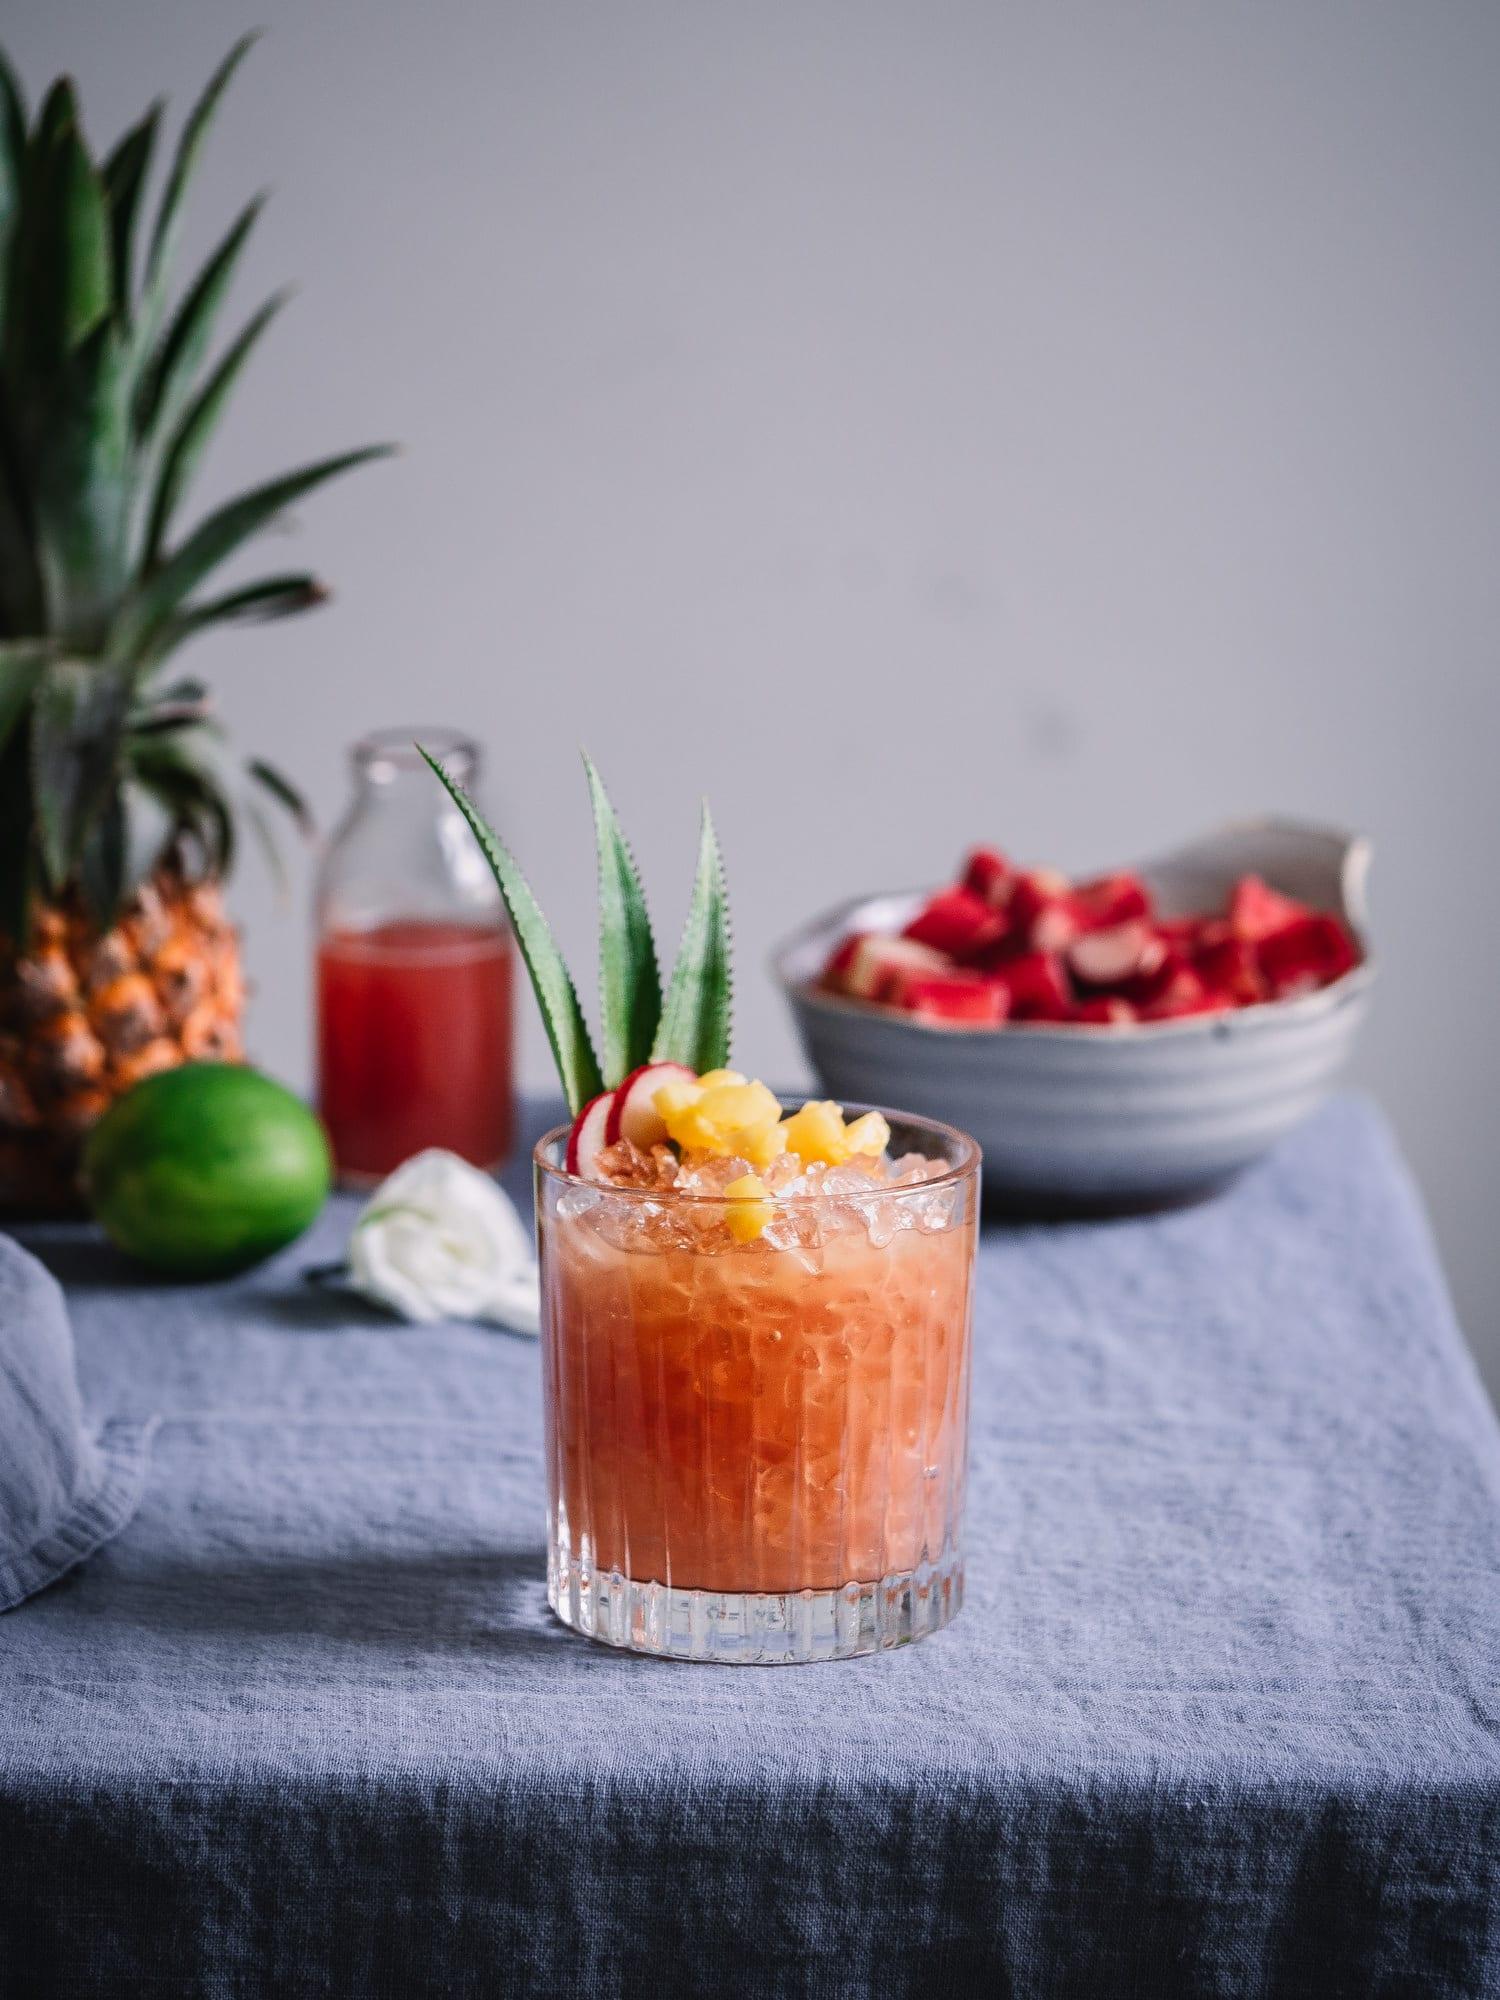 Rhabarbersirup, Ananas und Rum Cocktail im Glas.